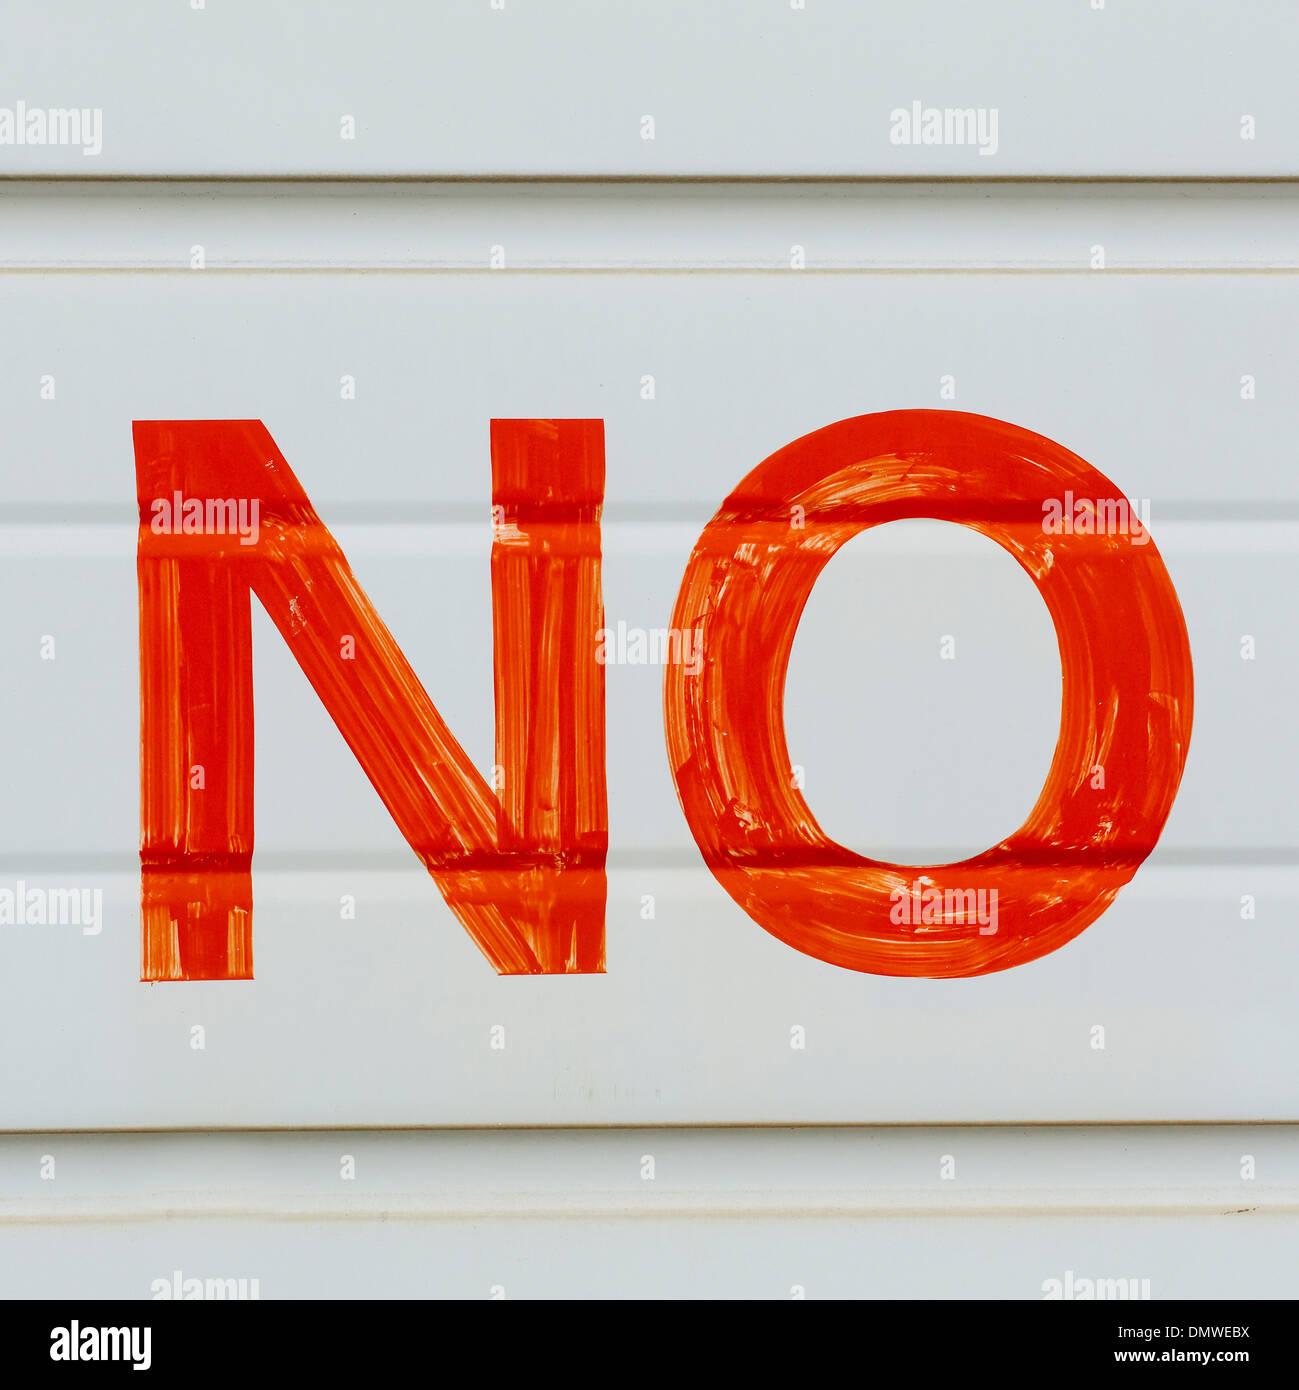 Eine große keine Spur in roter Farbe auf einem Garagentor, No Parking angibt. Stockbild